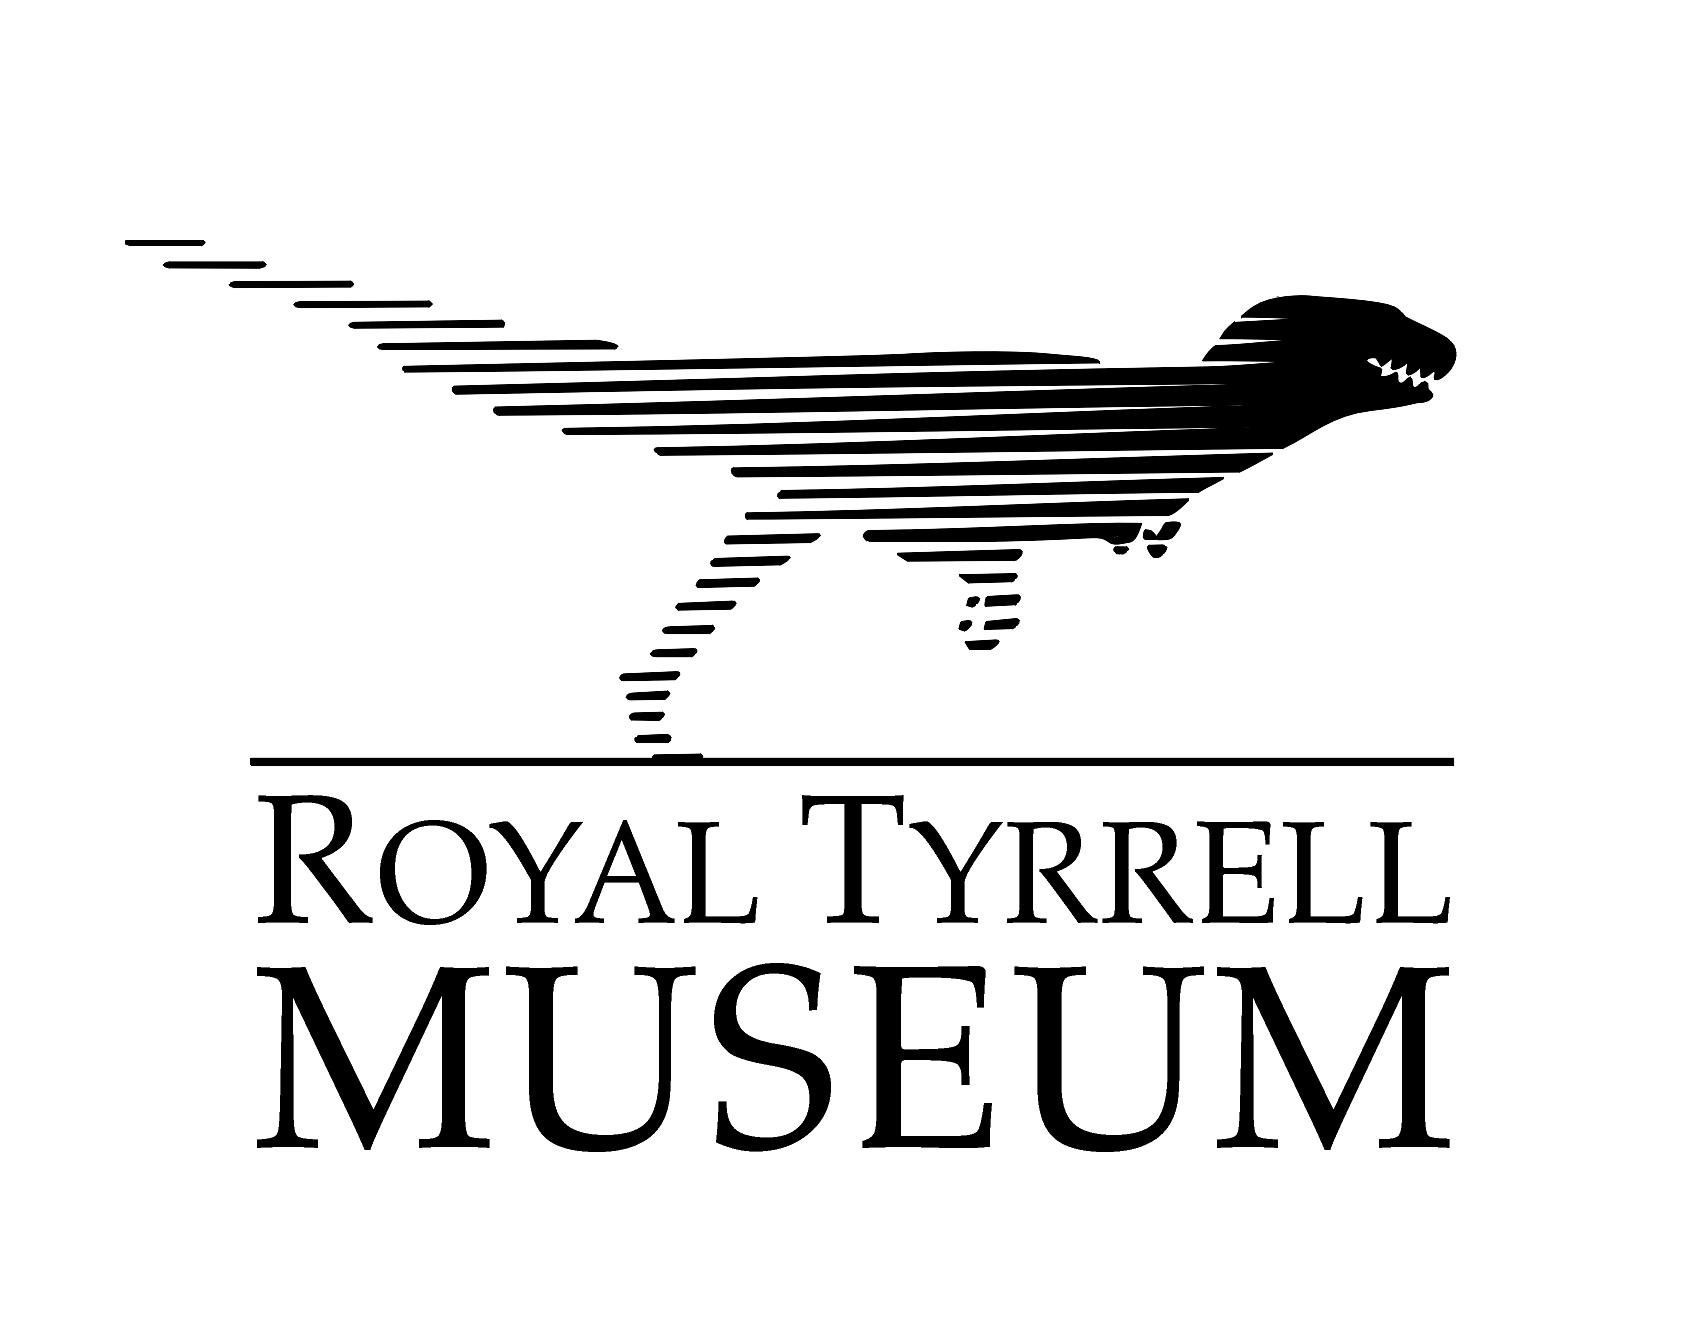 RoyalTyrell